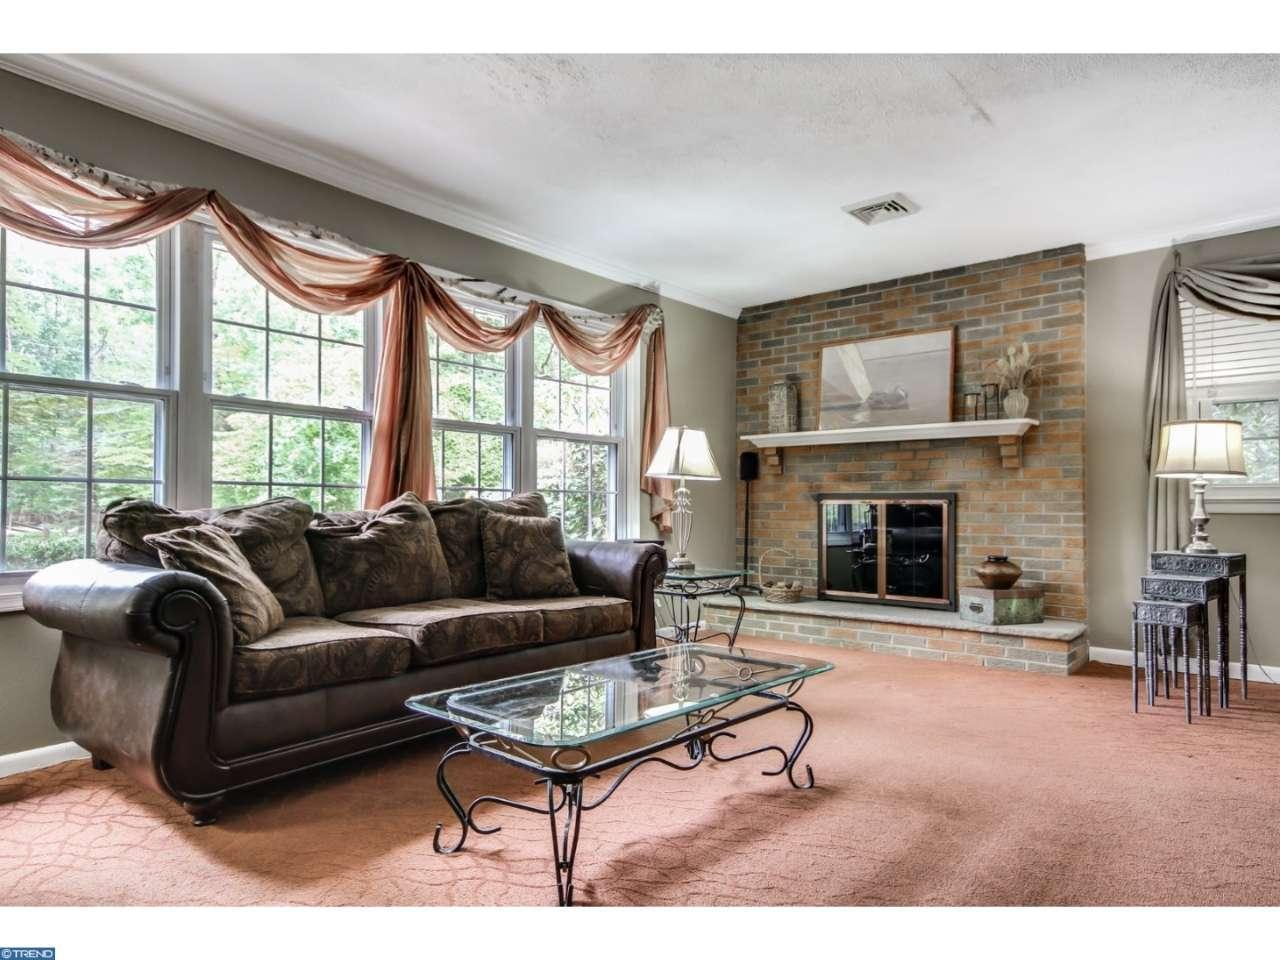 1408 Stokes Road, Medford, NJ 08055